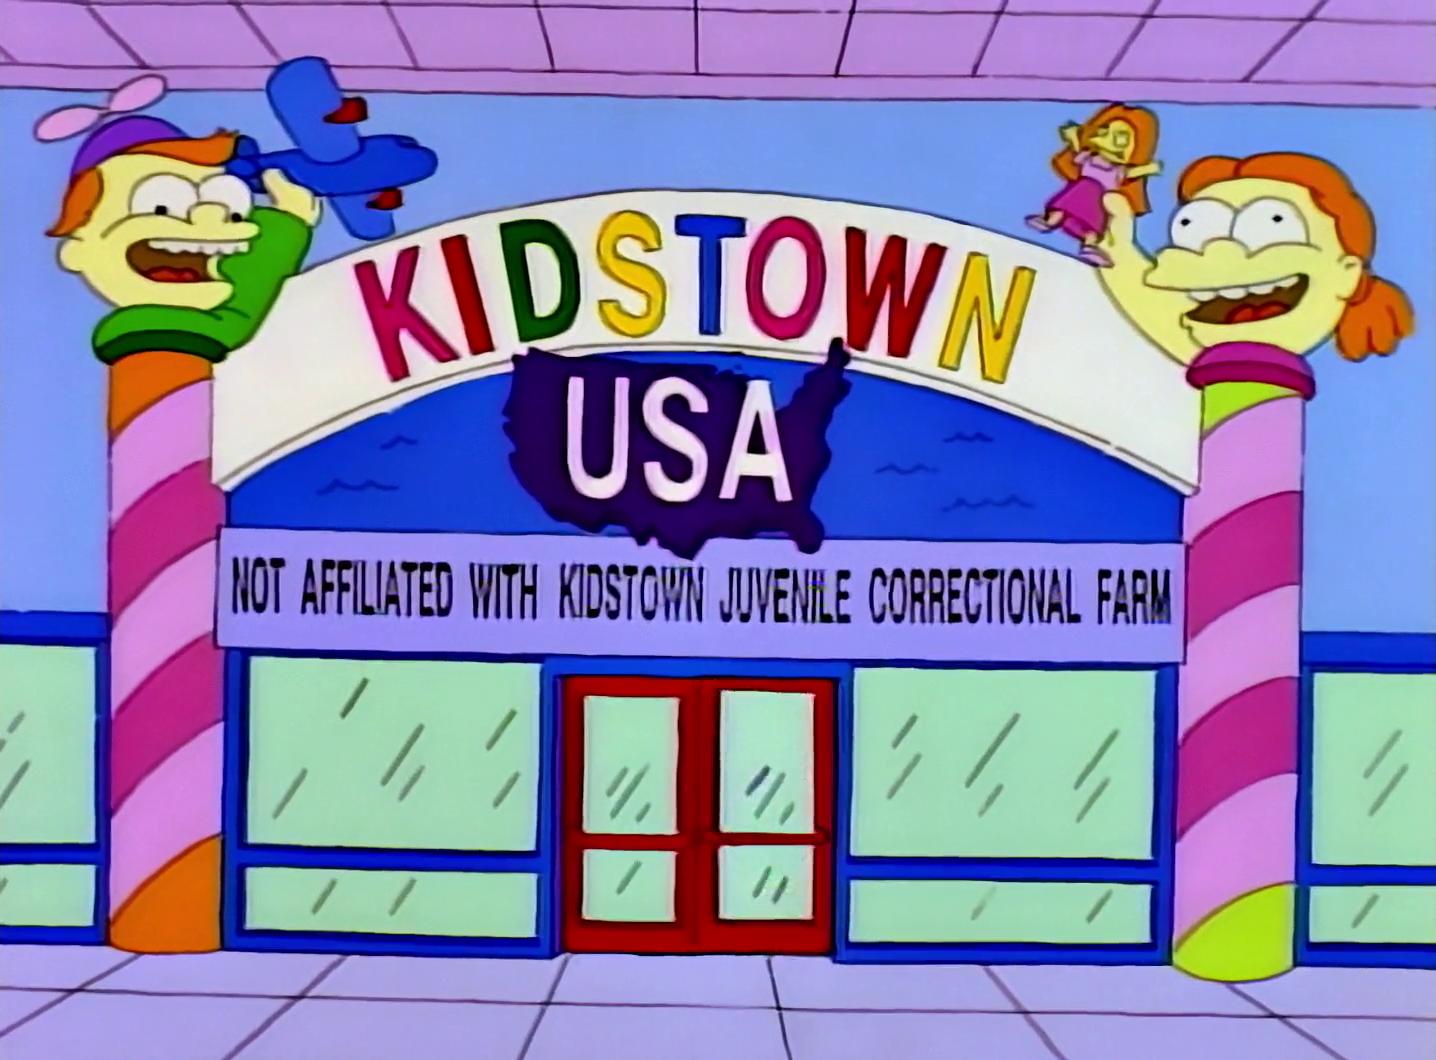 File:Kidstown usa.png